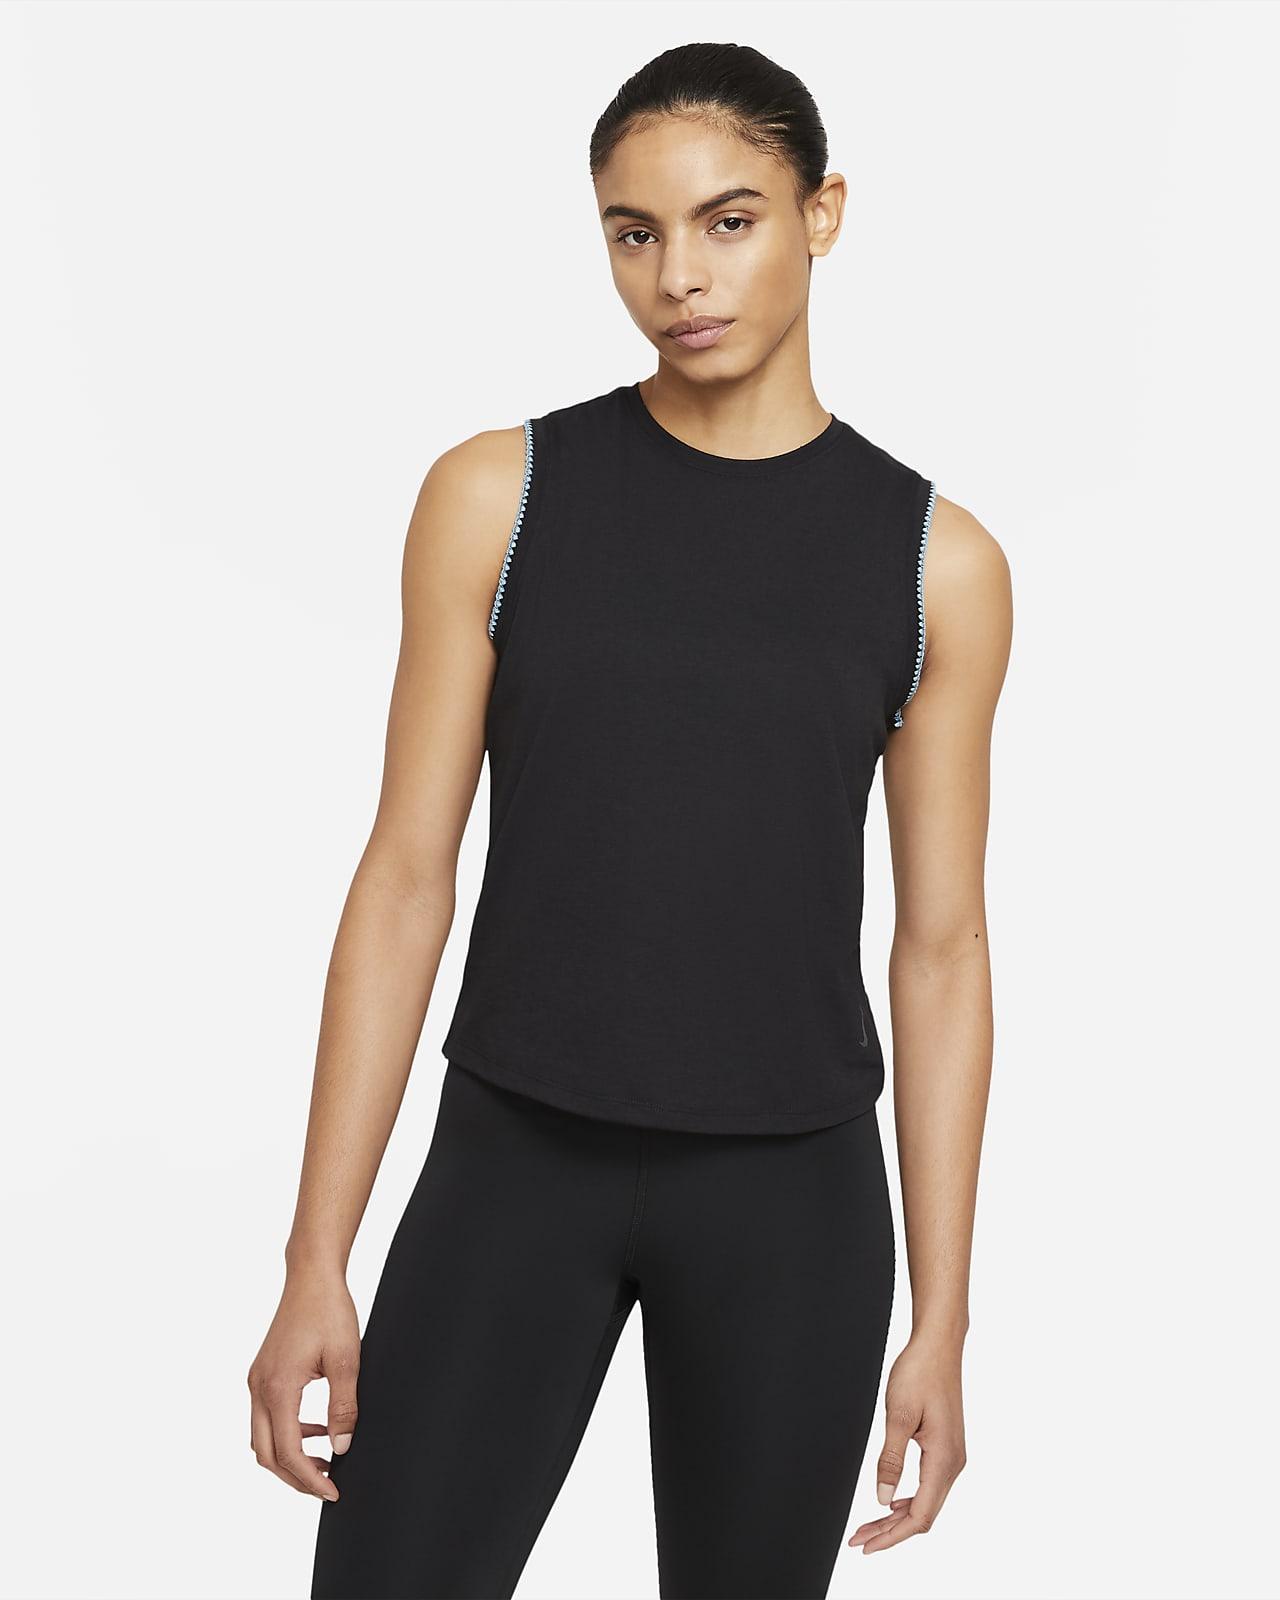 Nike Yoga Kroşe Kenarlı Kadın Atleti